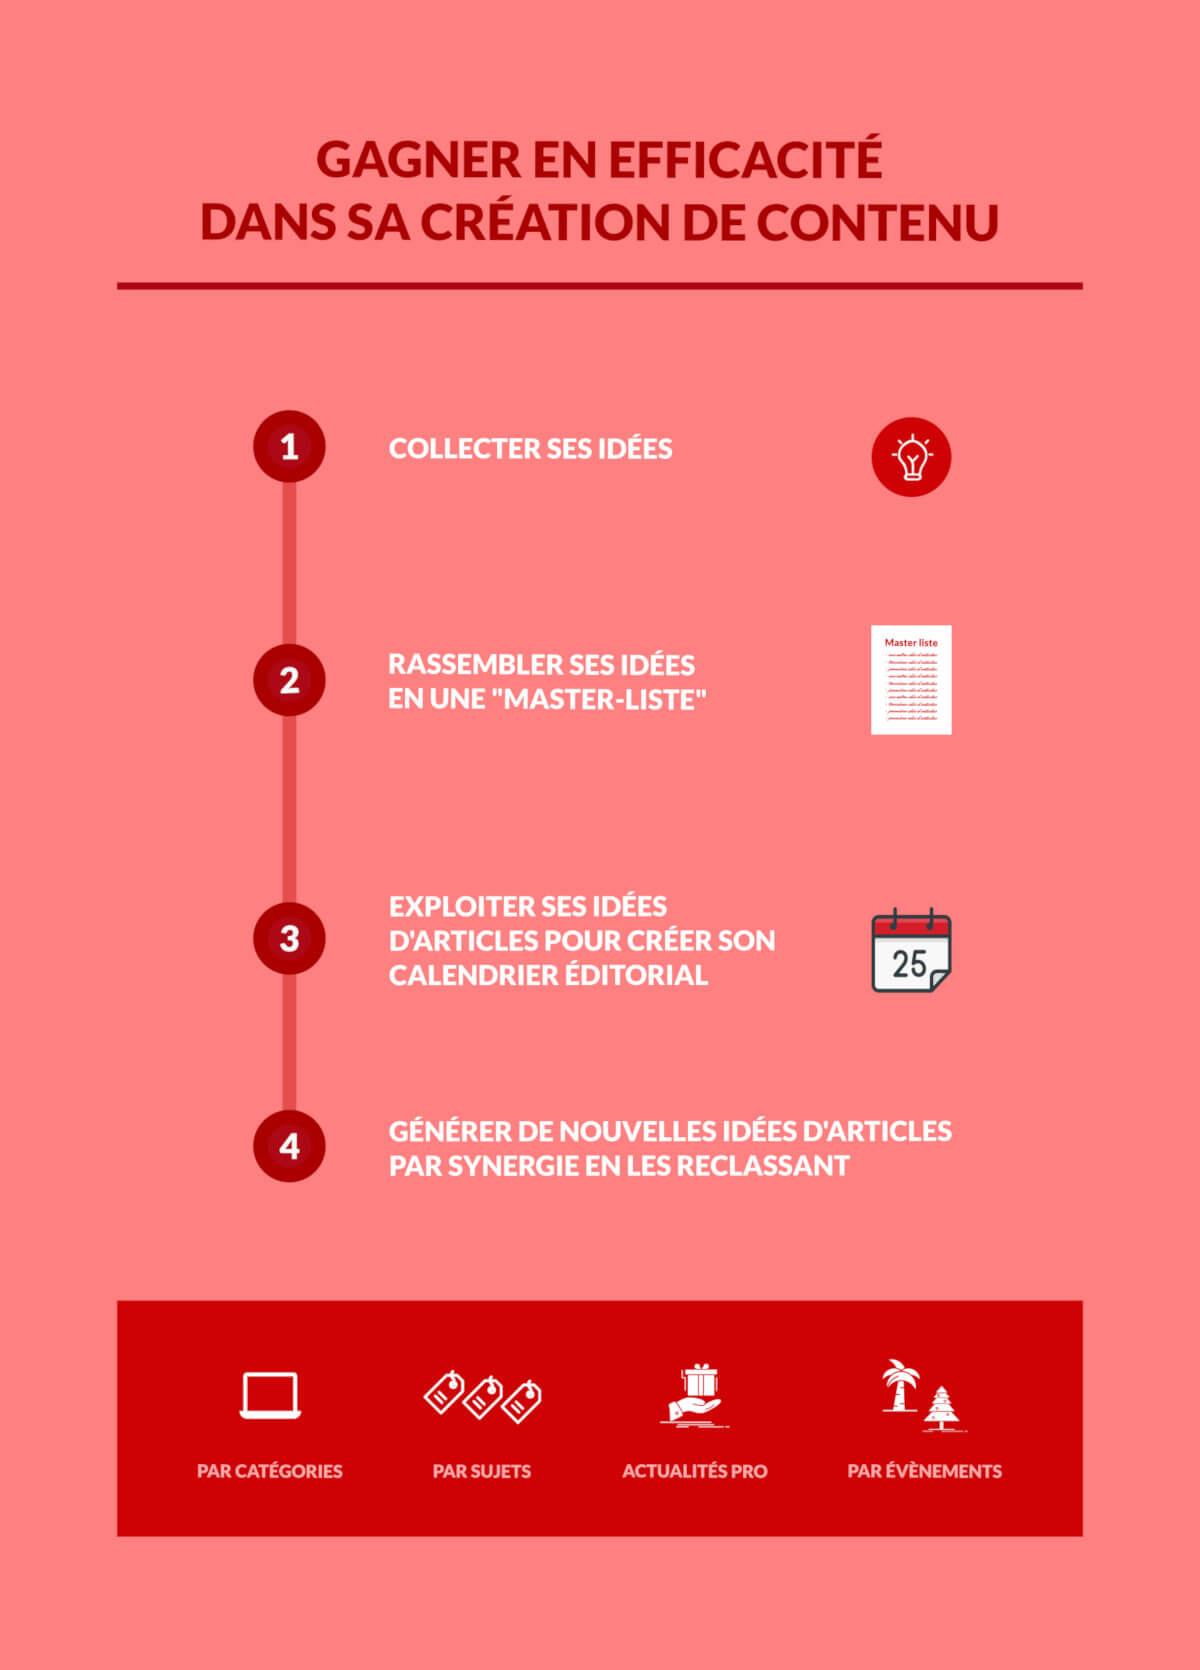 tenir son blog avec plus d'efficacité grâce à l'optimisation de sa création de contenu